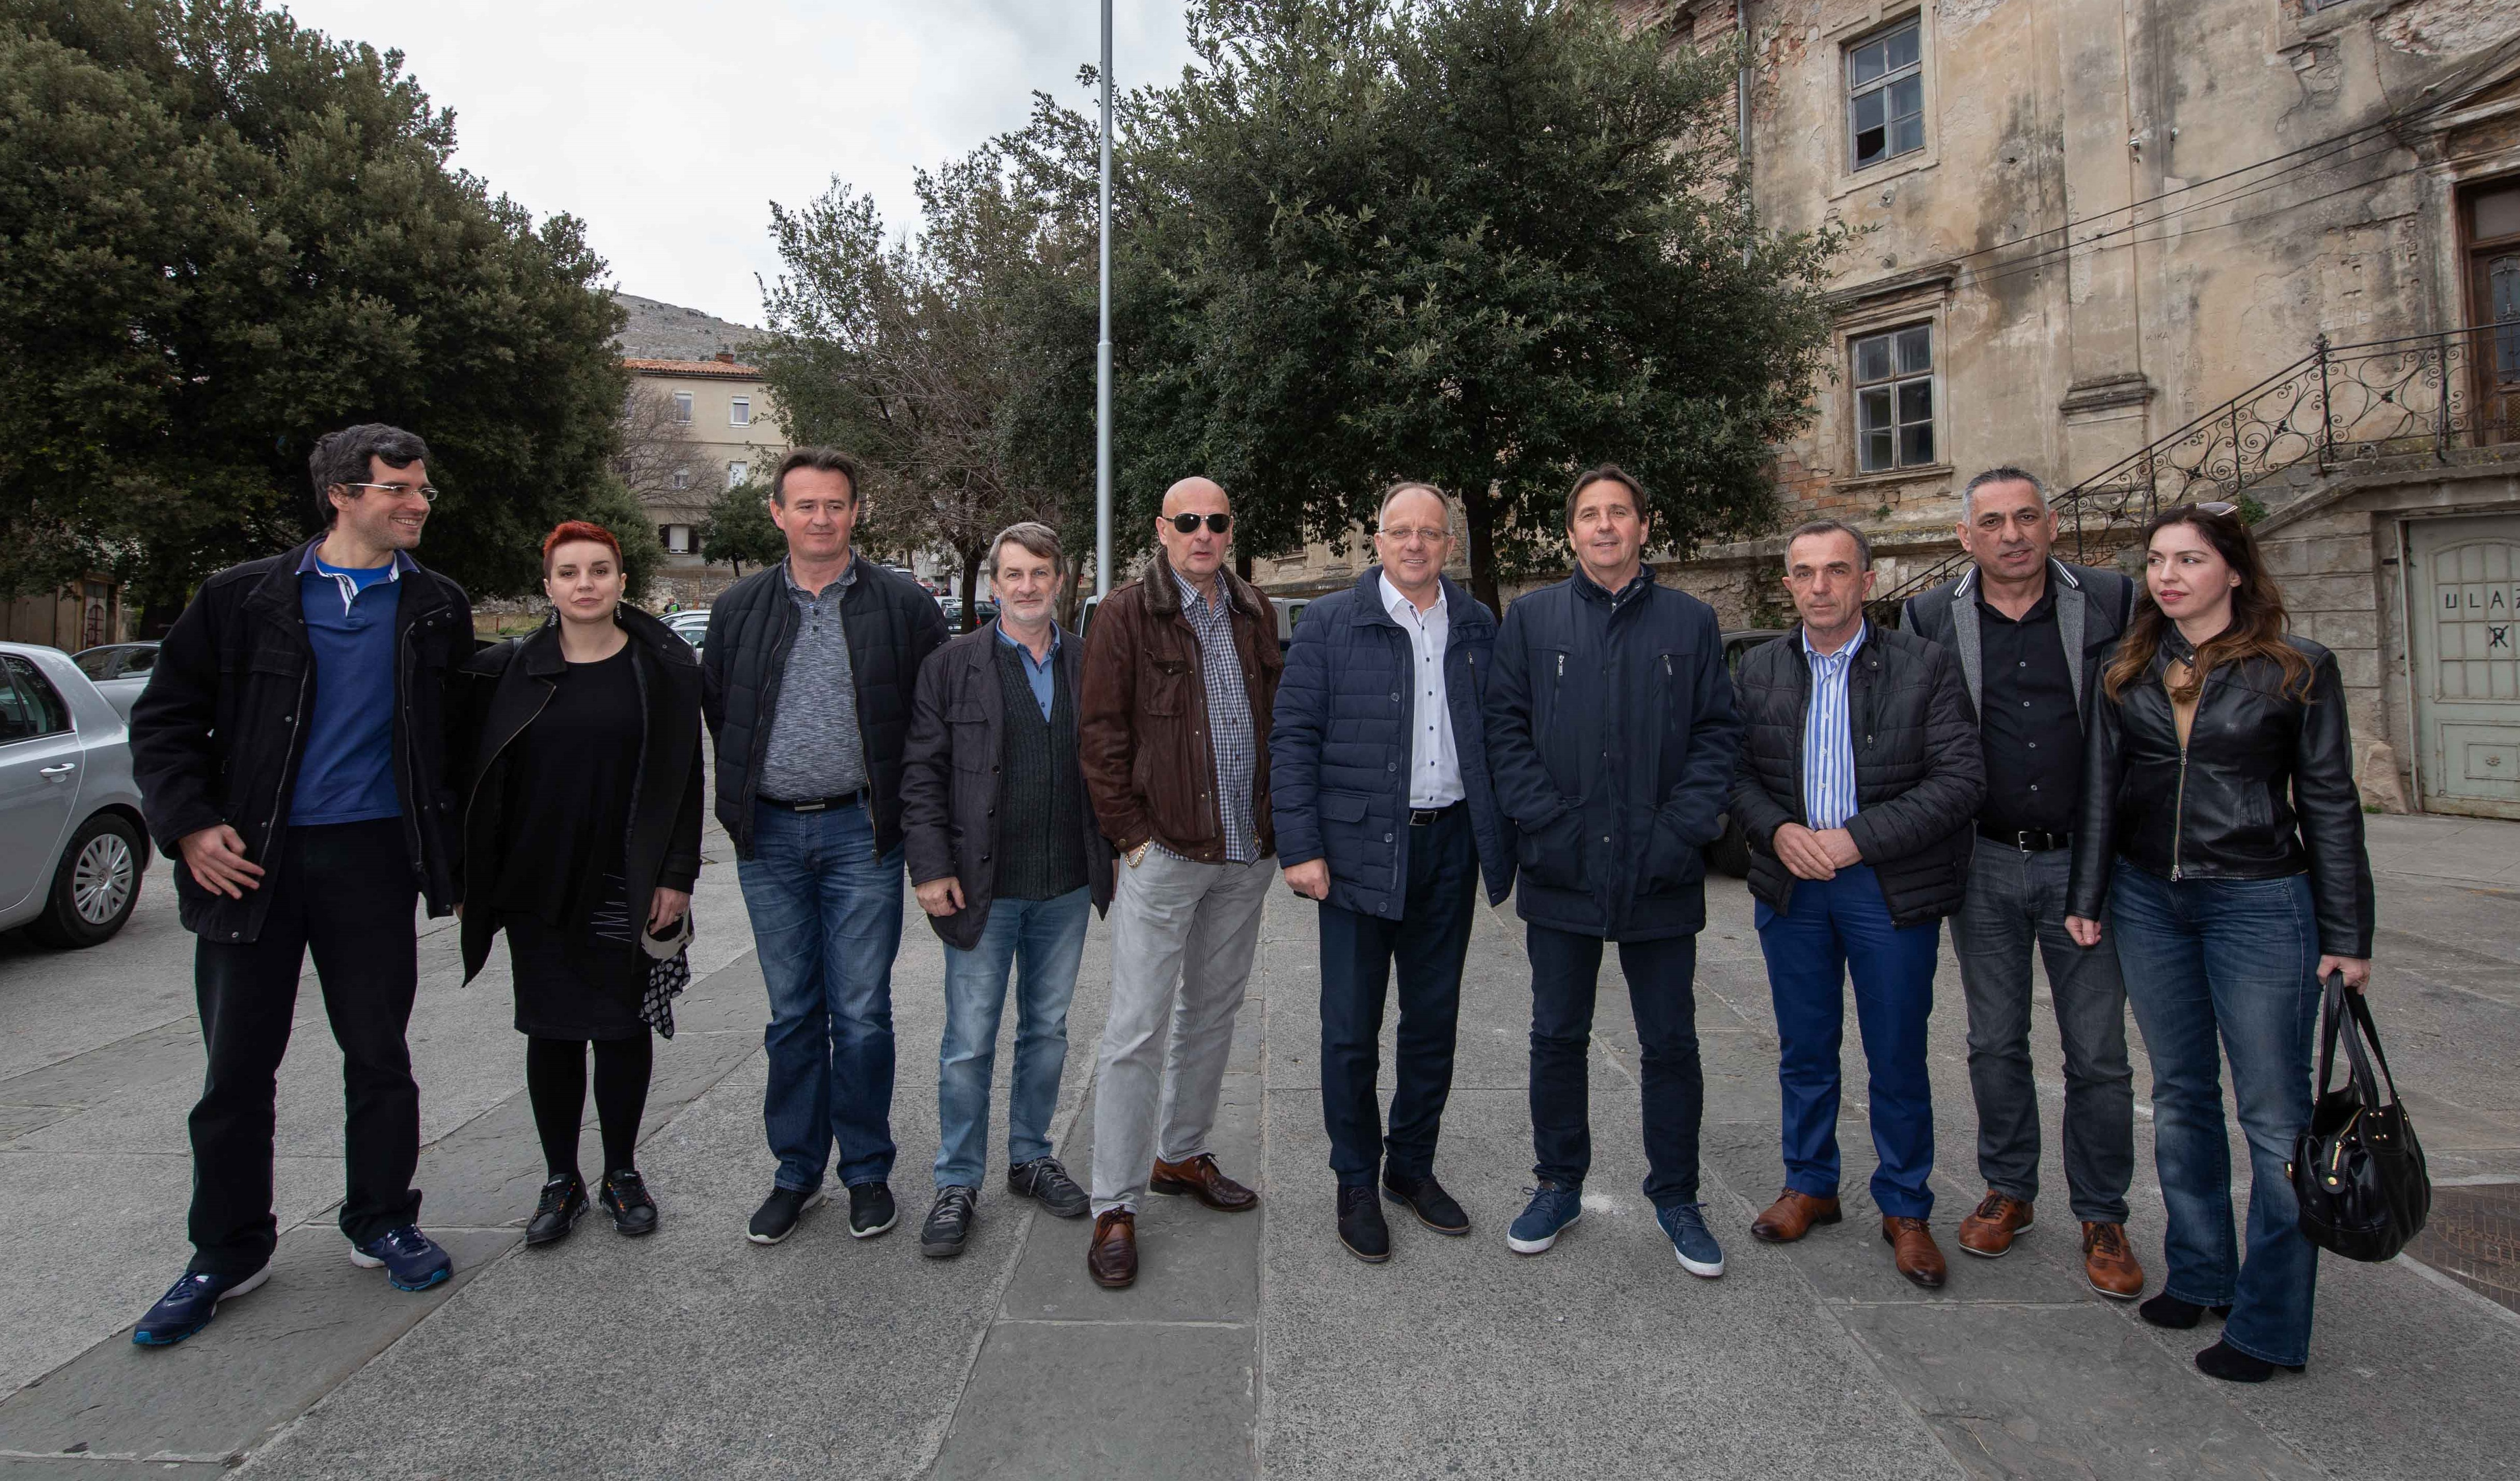 Photo of Ivica Relković i nezavisni čelnici Primoštena, Muća i Otoka podržali Buru promjena: Senj je još jedini u mraku